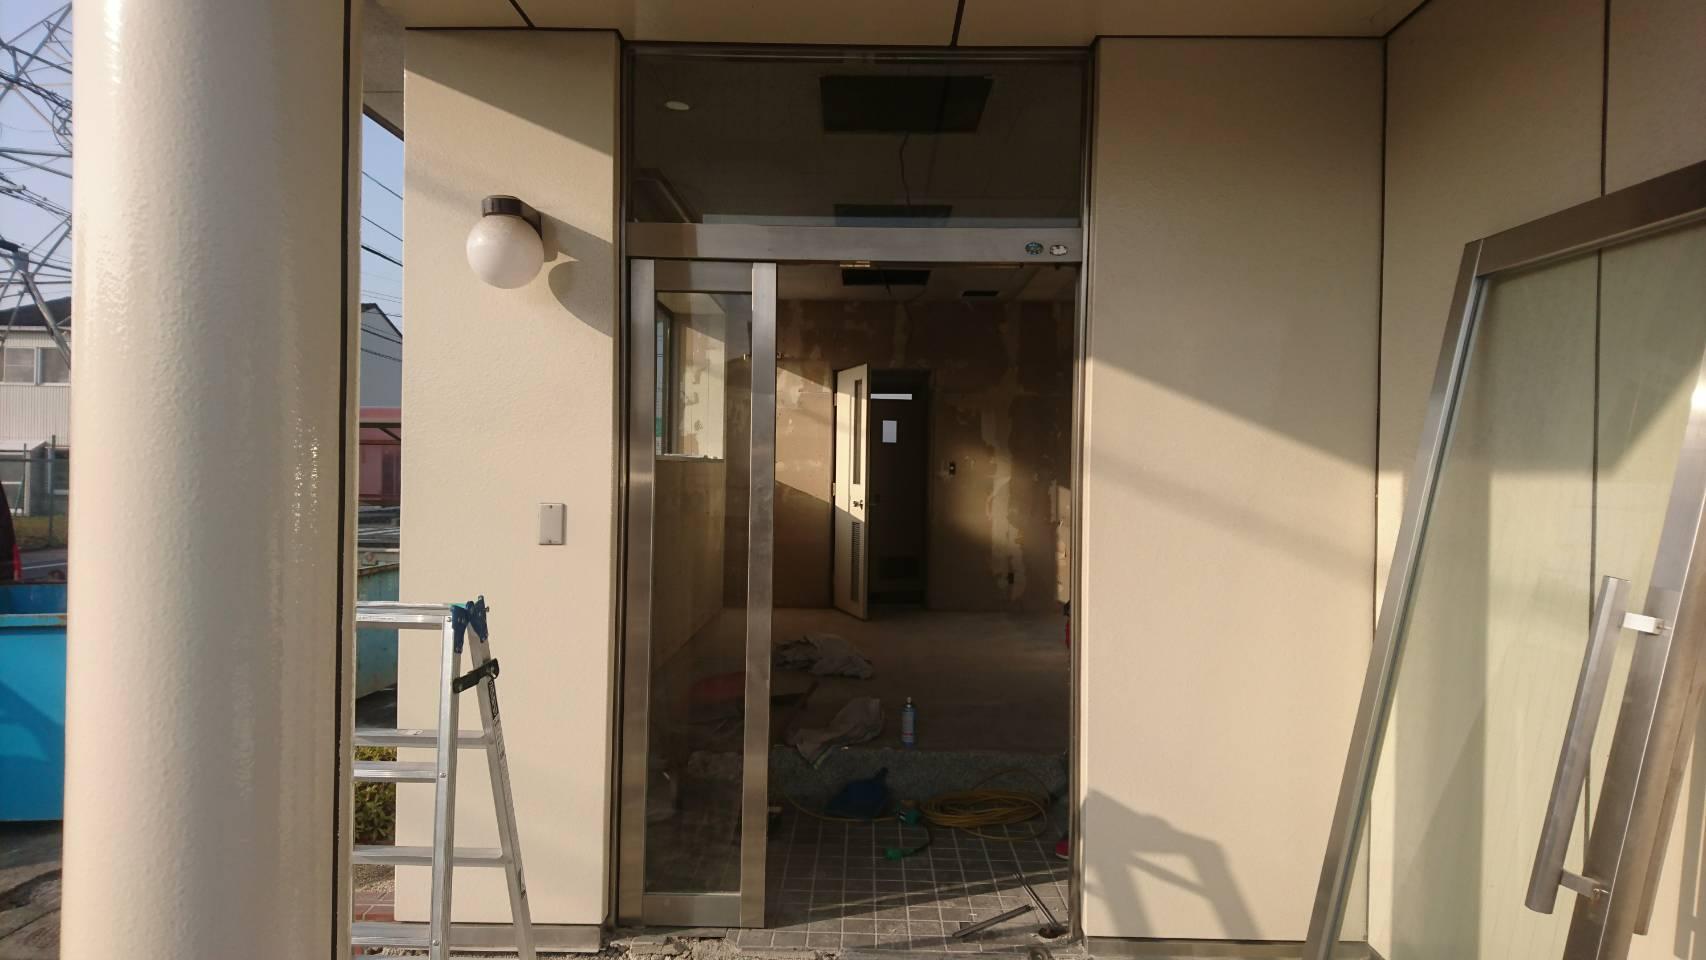 シーエス建材トーヨー住器のリシェント3 低予算からでもご対応できます。の施工前の写真1